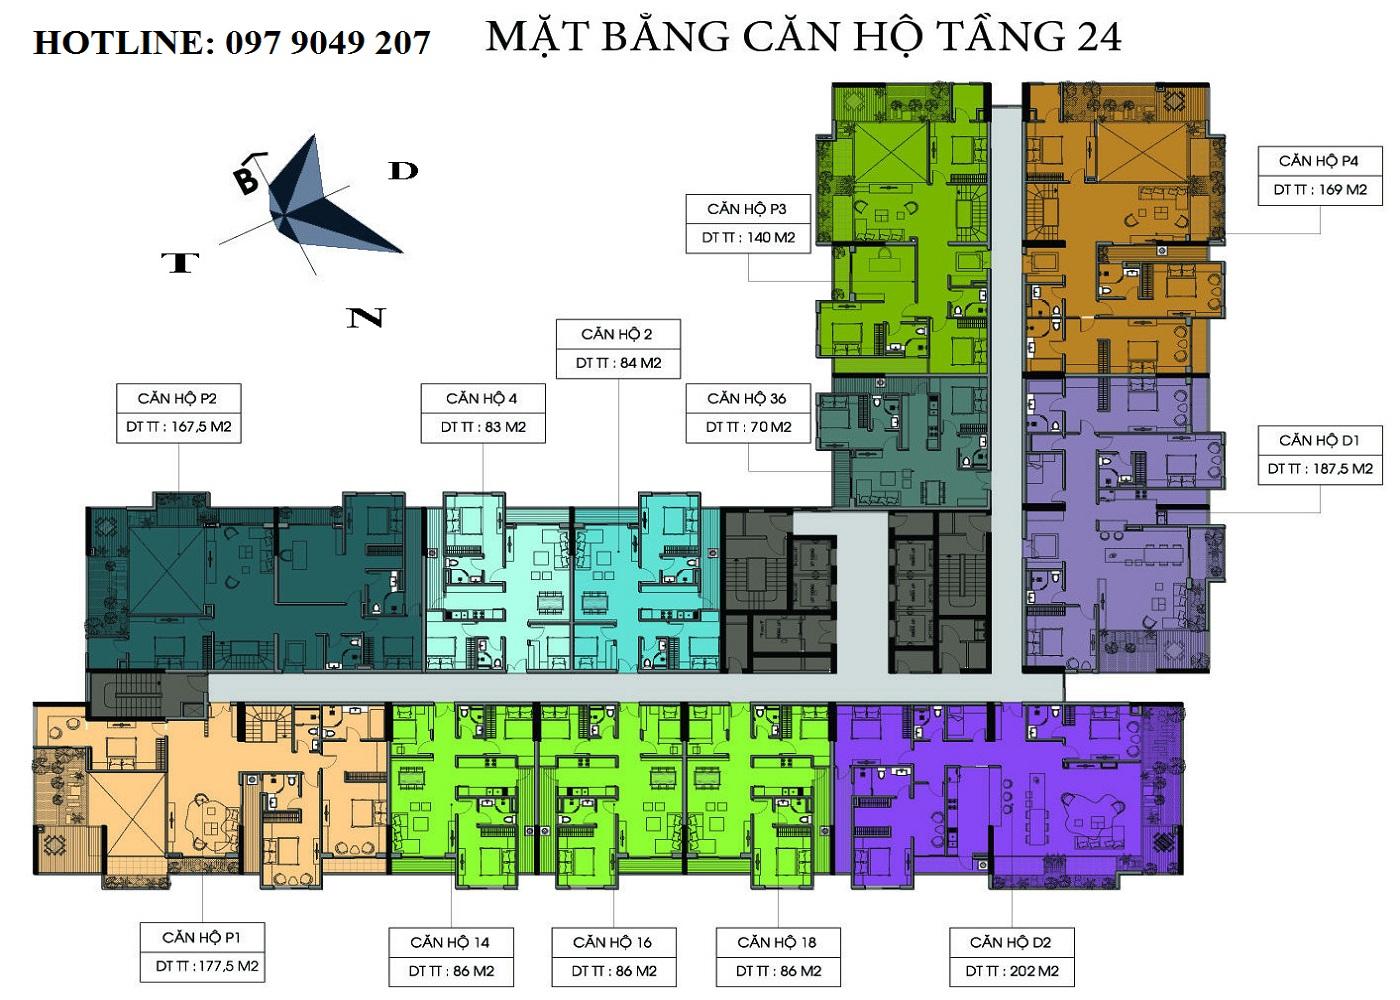 Mat-bang-tsg-lotus-sai-dong-tang-24